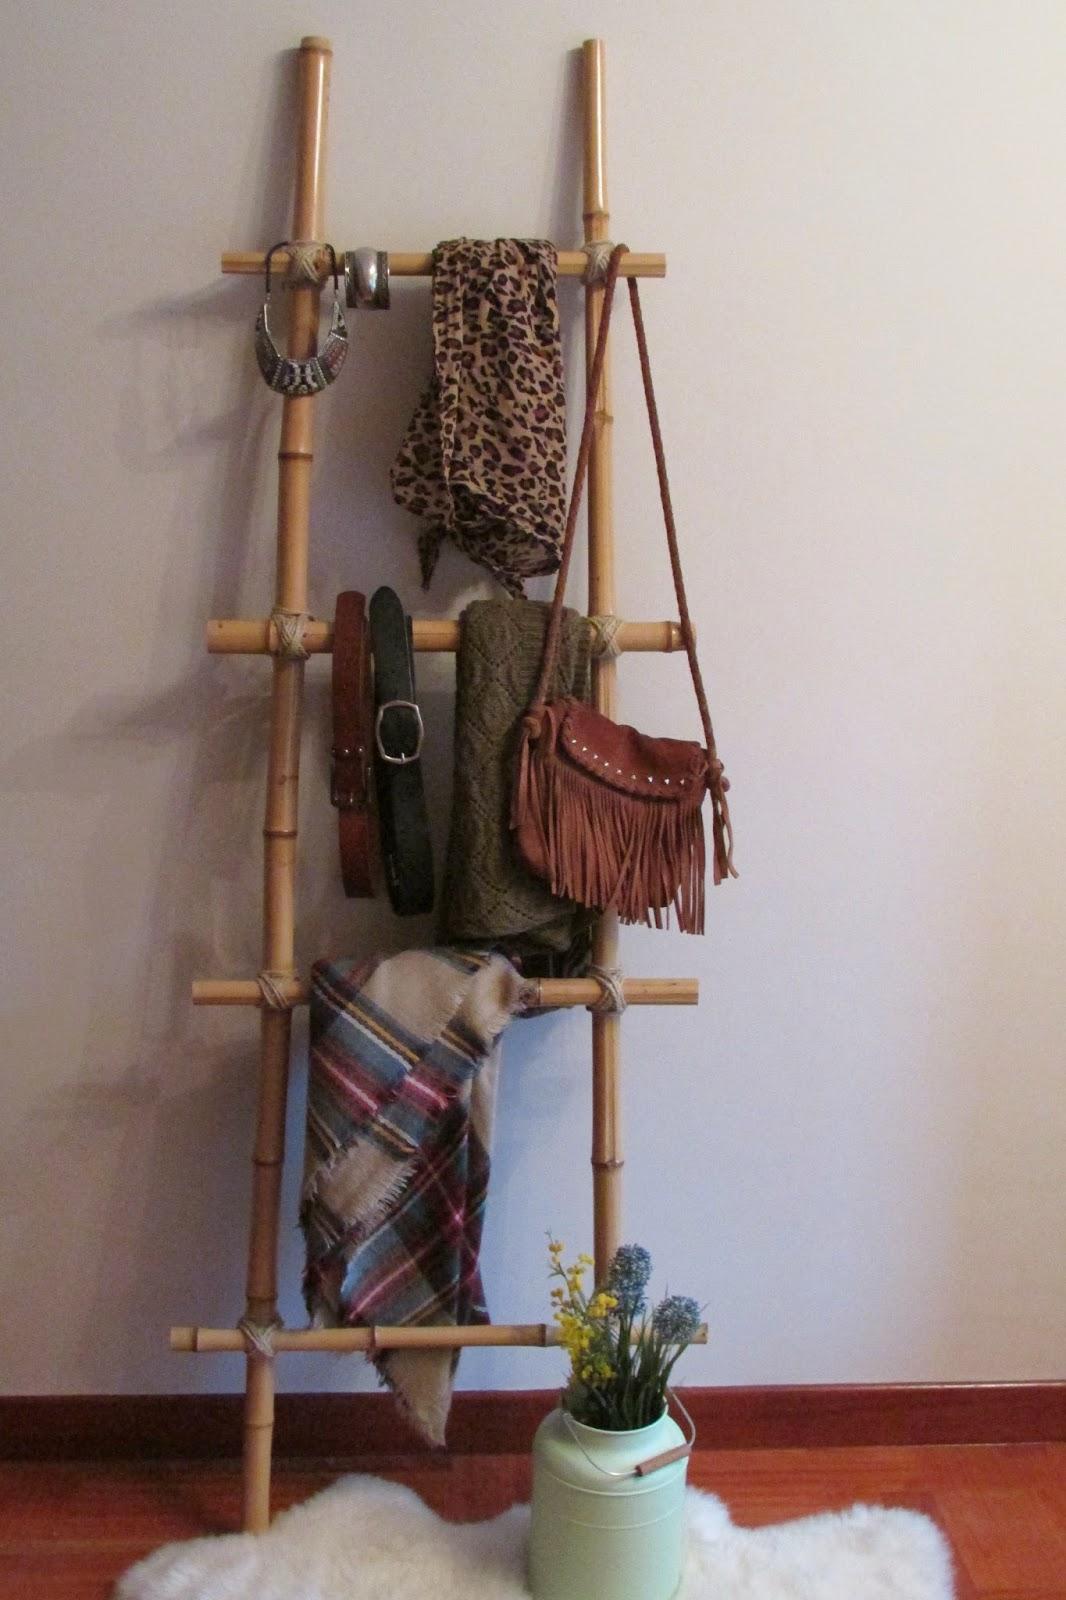 Neutradecor diy escalera de bamb - Escalera de bambu ...